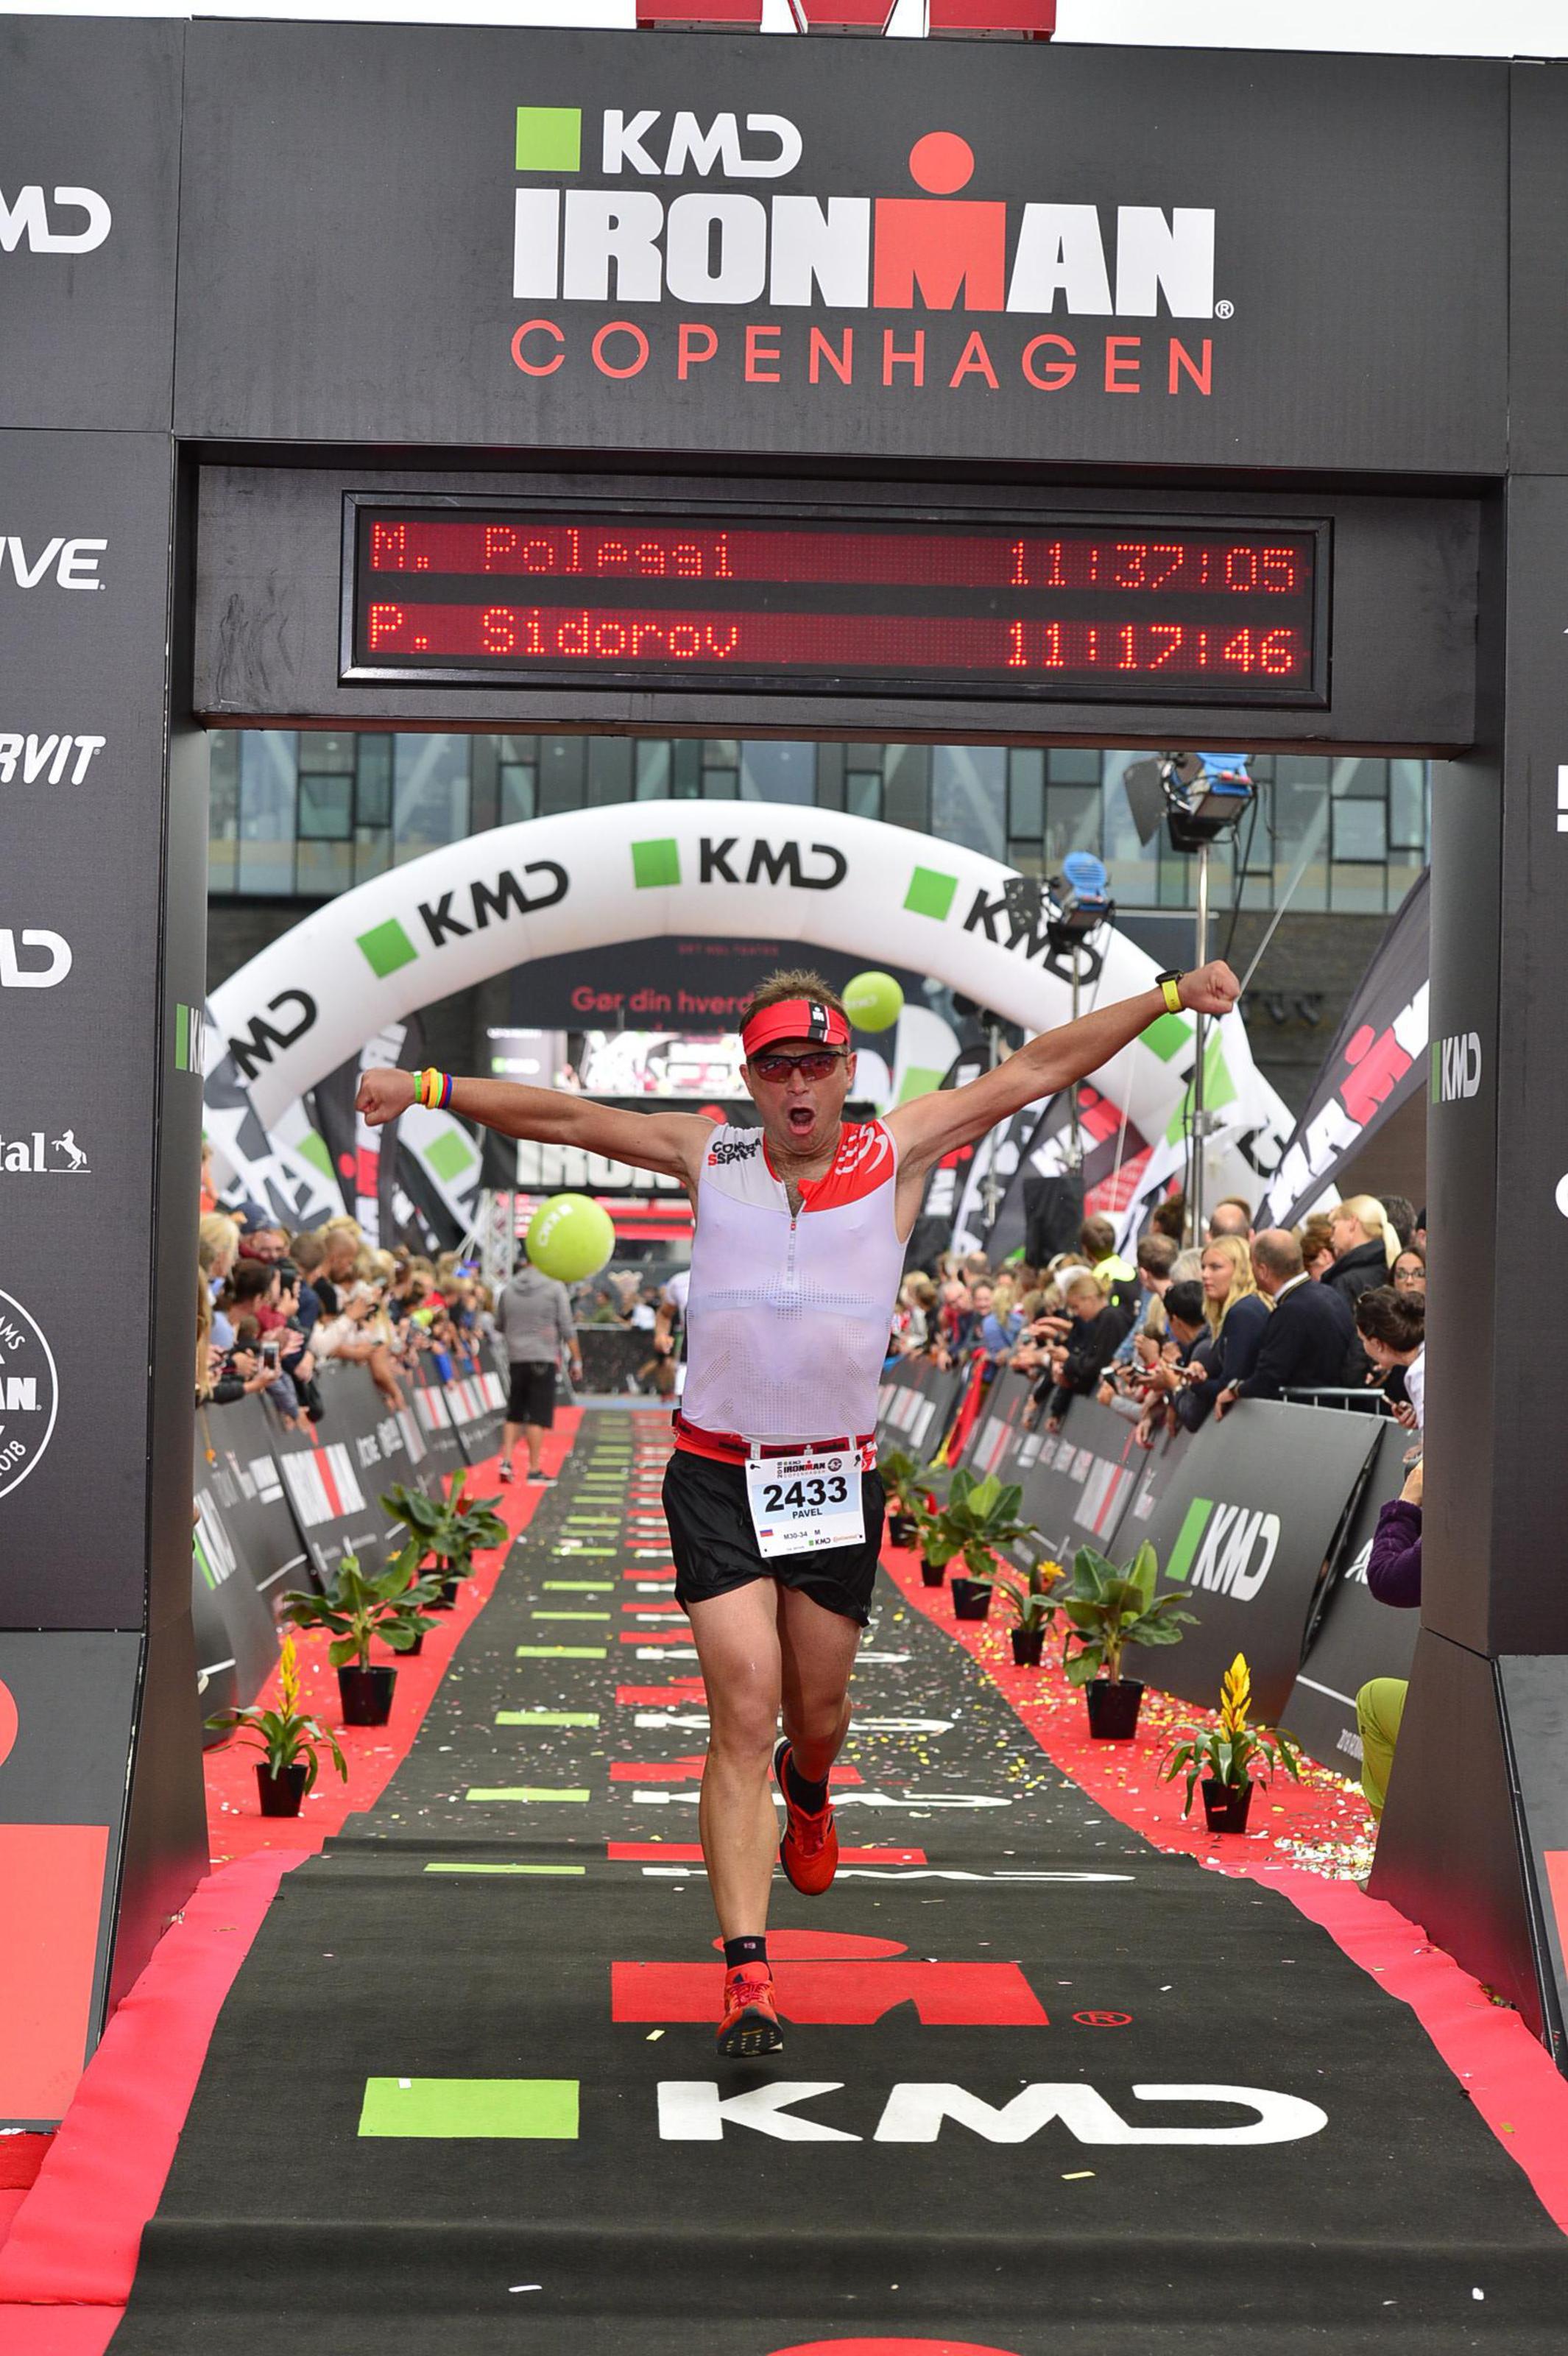 Финишный створ на Ironman Copenhagen